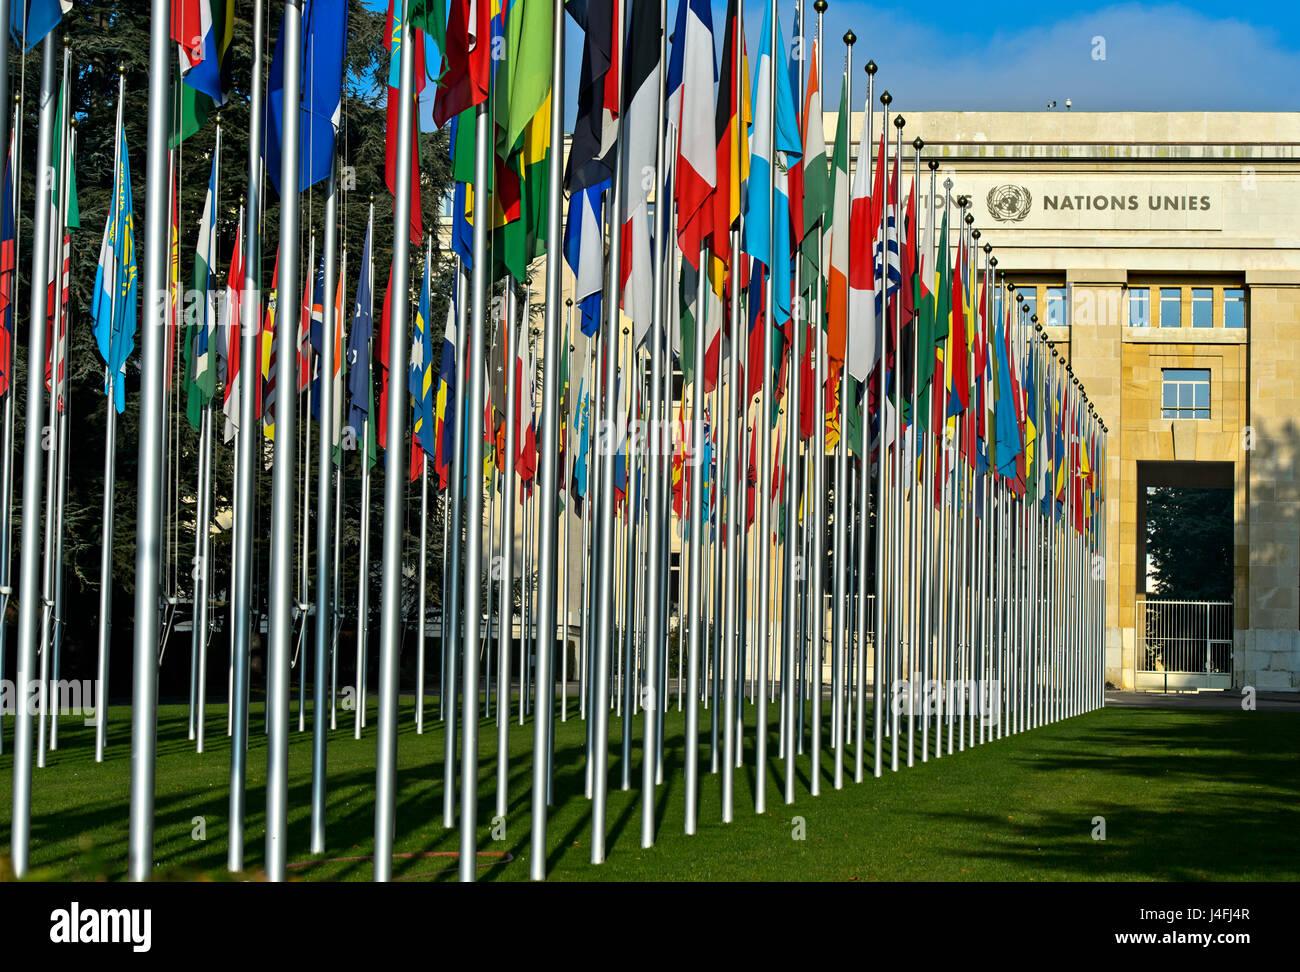 Corte delle bandiere presso l Ufficio delle Nazioni Unite a Ginevra, ONU, Palais des Nations, Ginevra, Svizzera Immagini Stock